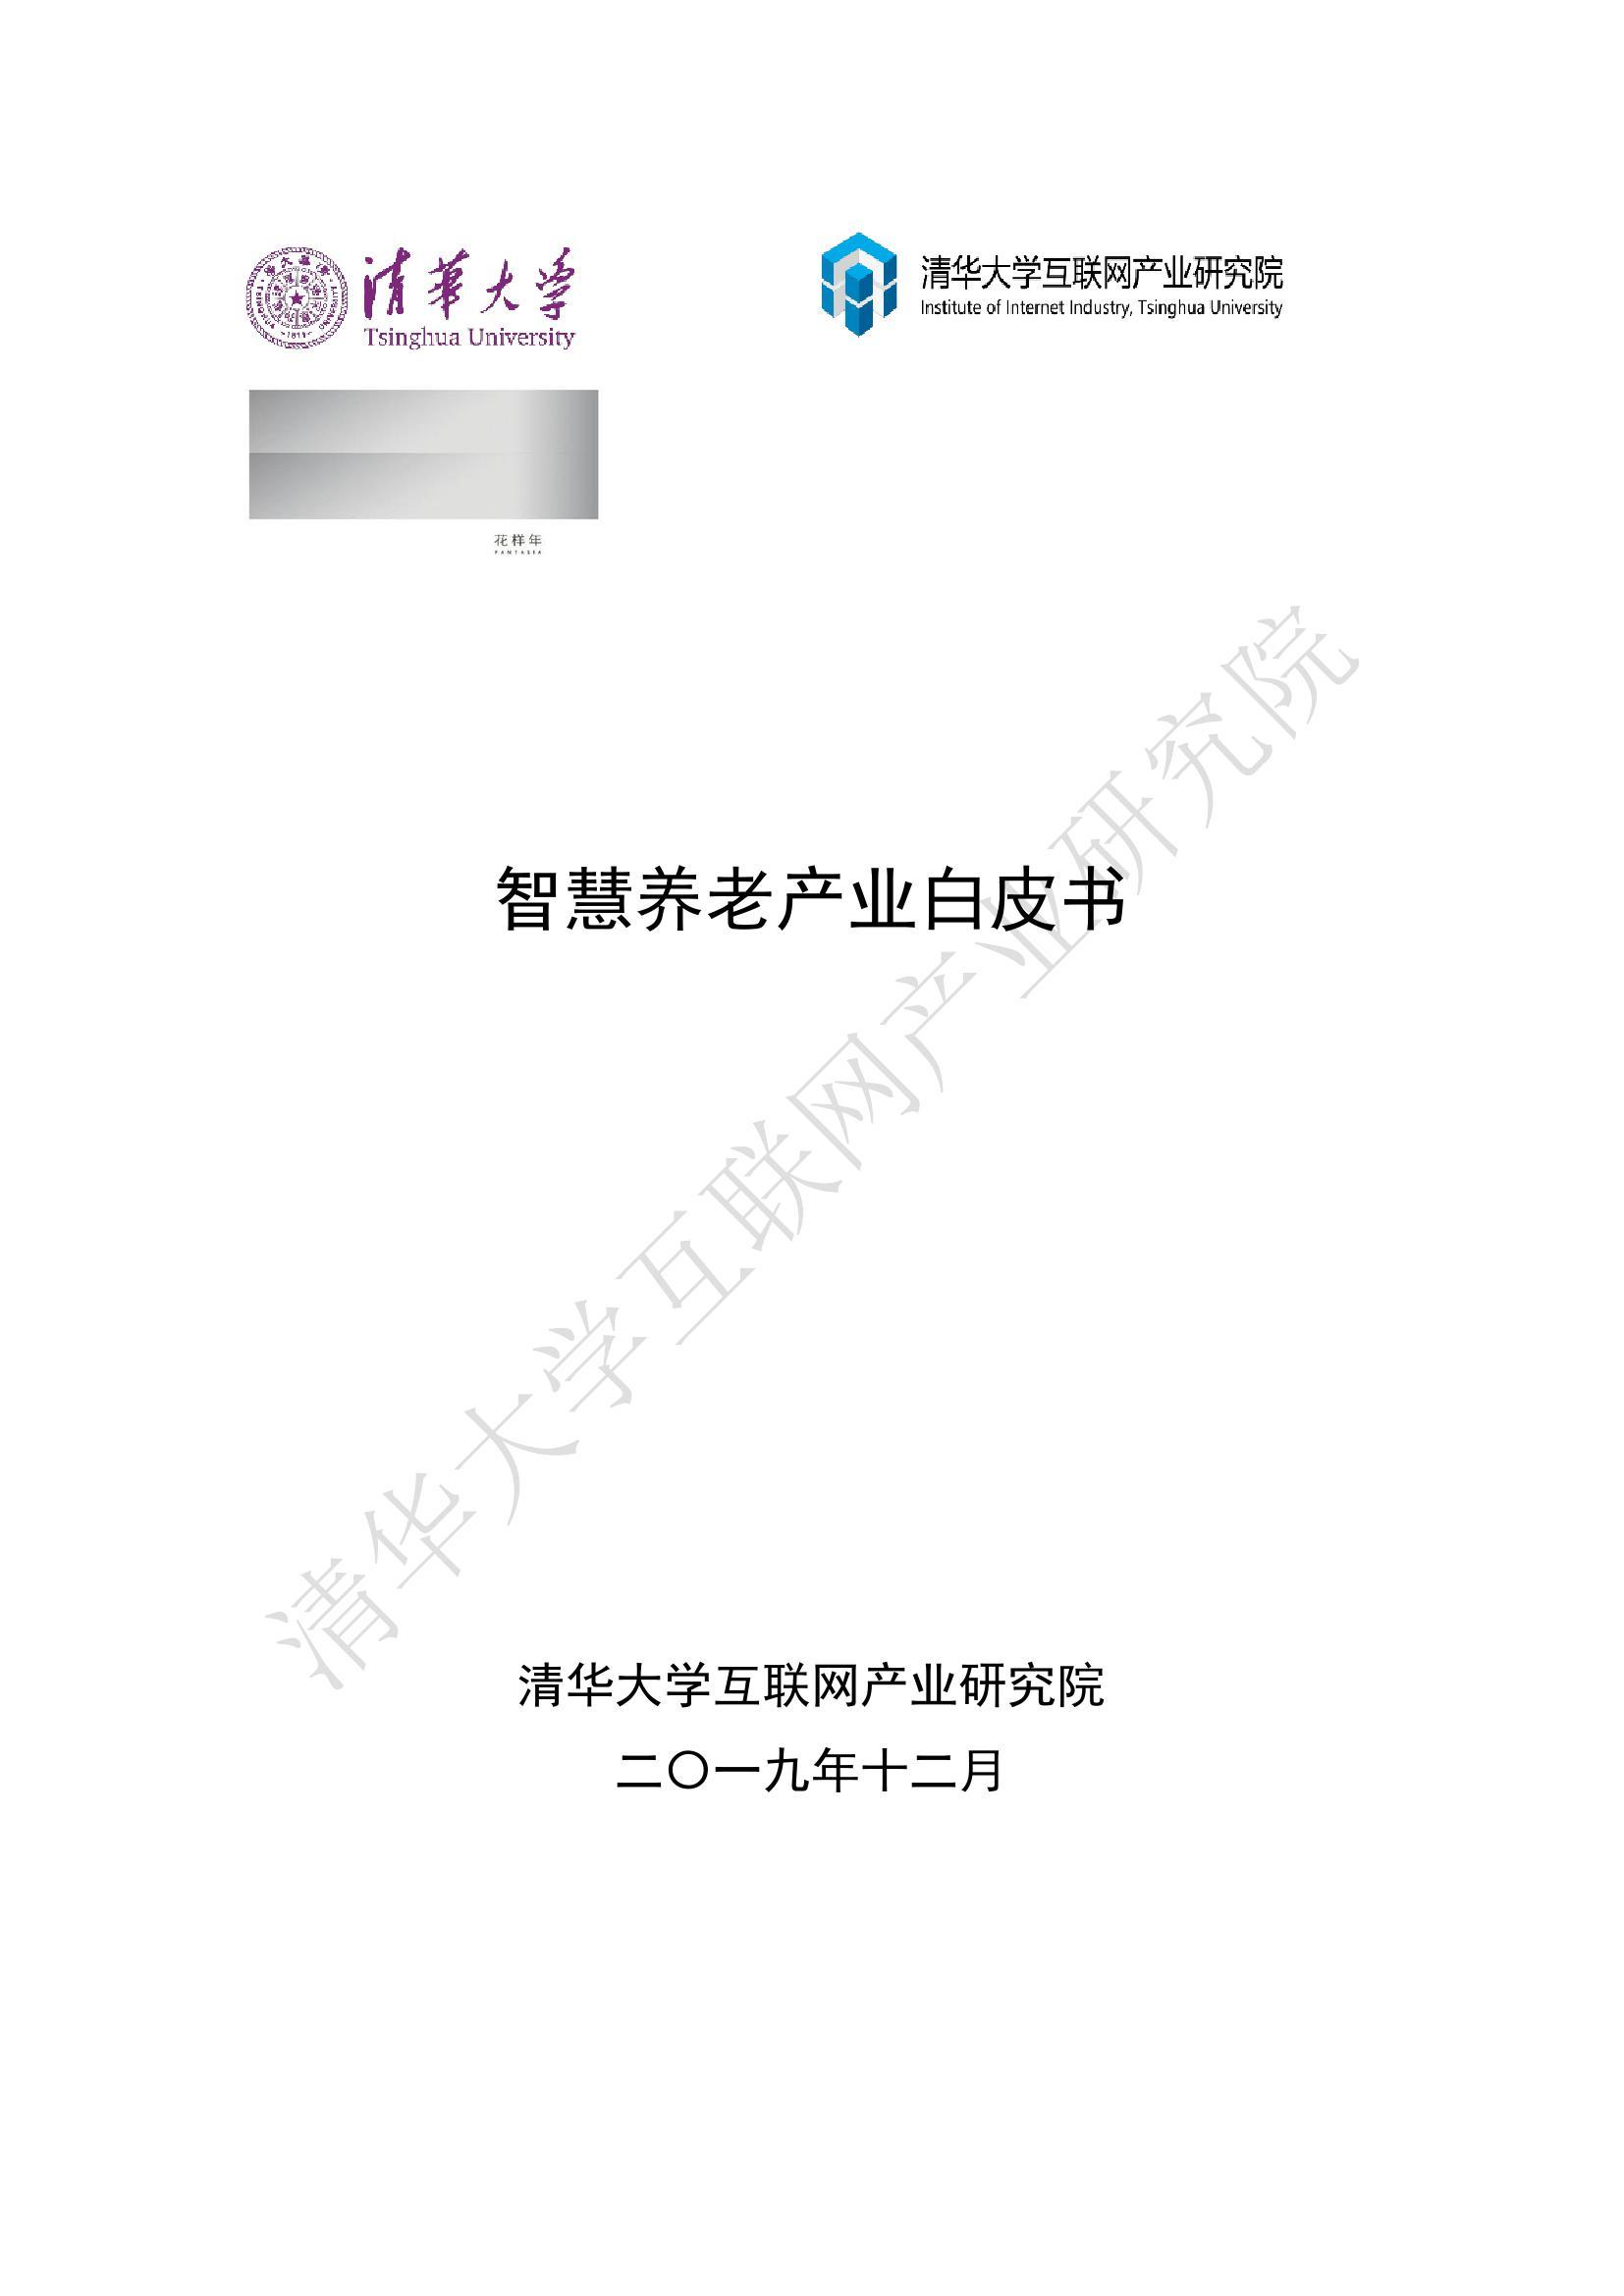 清华大学:2019年智慧养老产业白皮书(附下载)